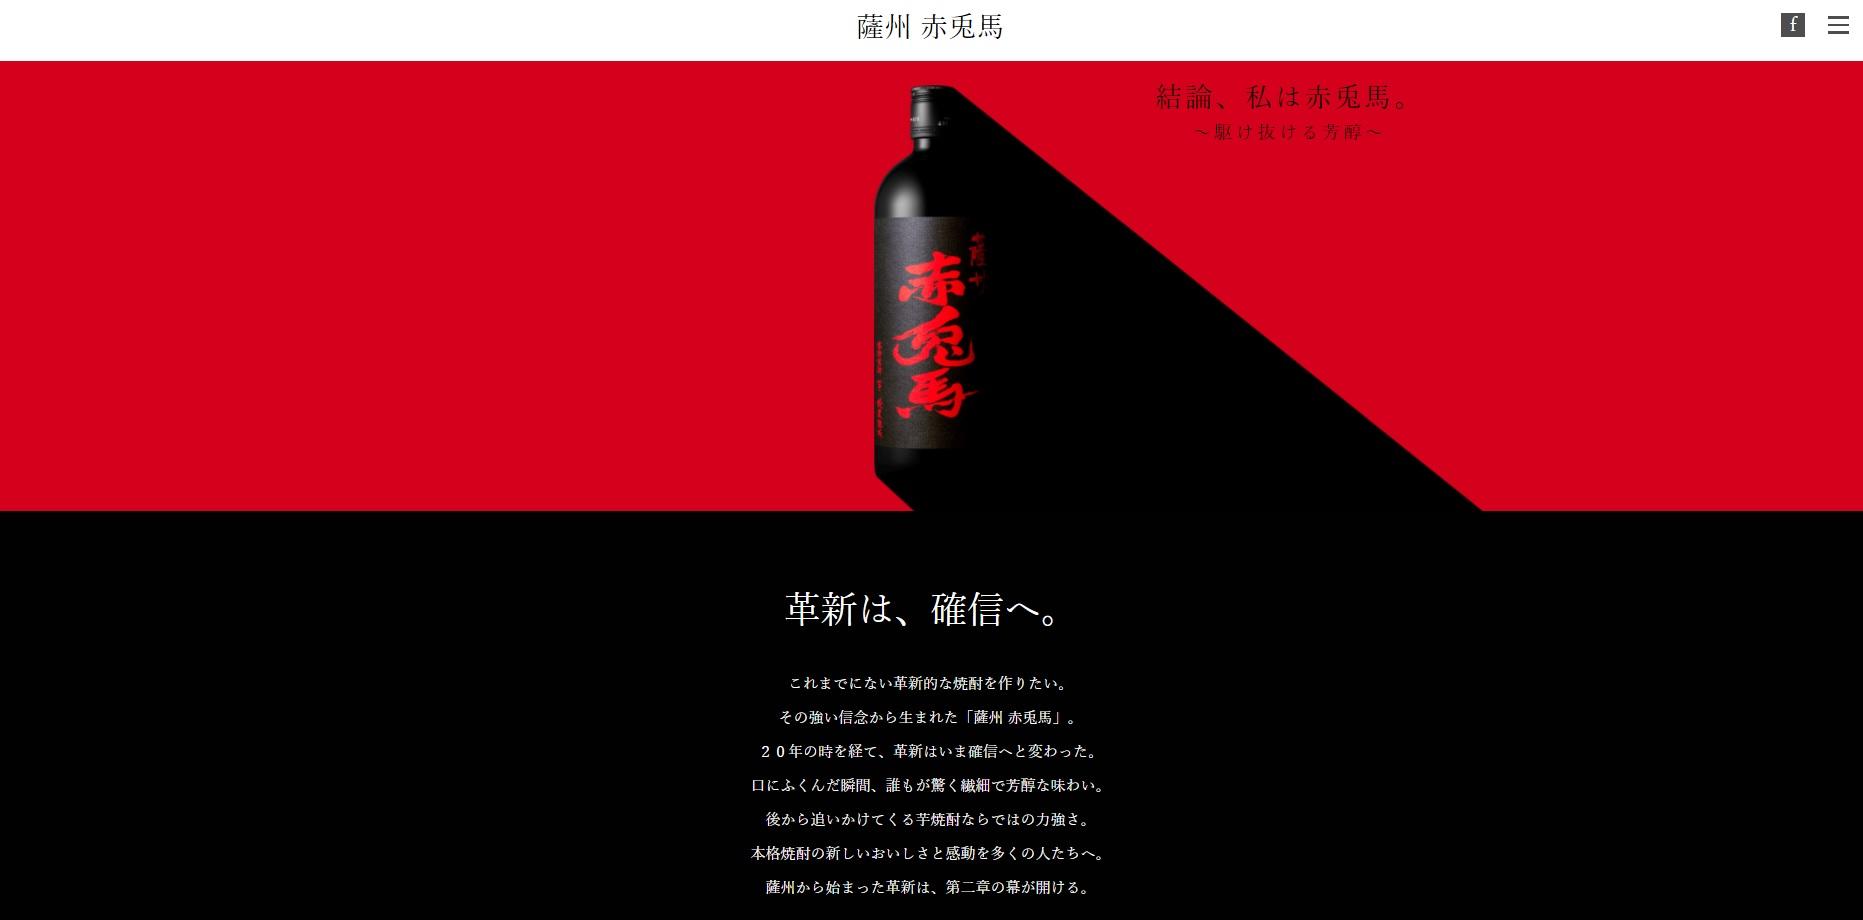 「薩州 赤兎馬」ブランドサイトをリニューアル!